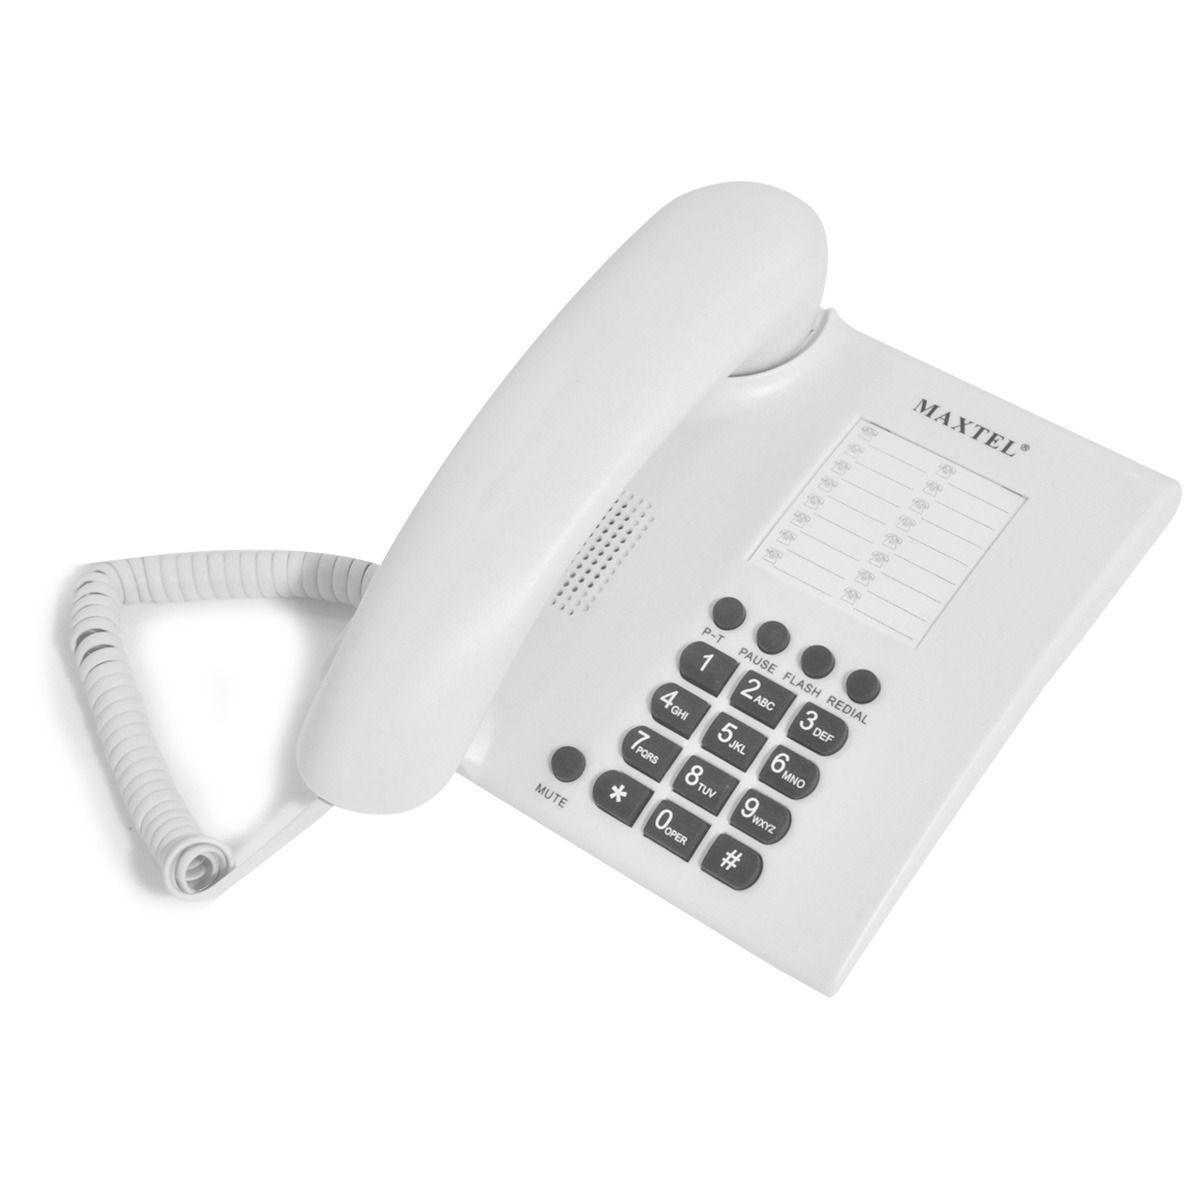 Telefone De Mesa Padrao Fixo Maxtel Mt-686